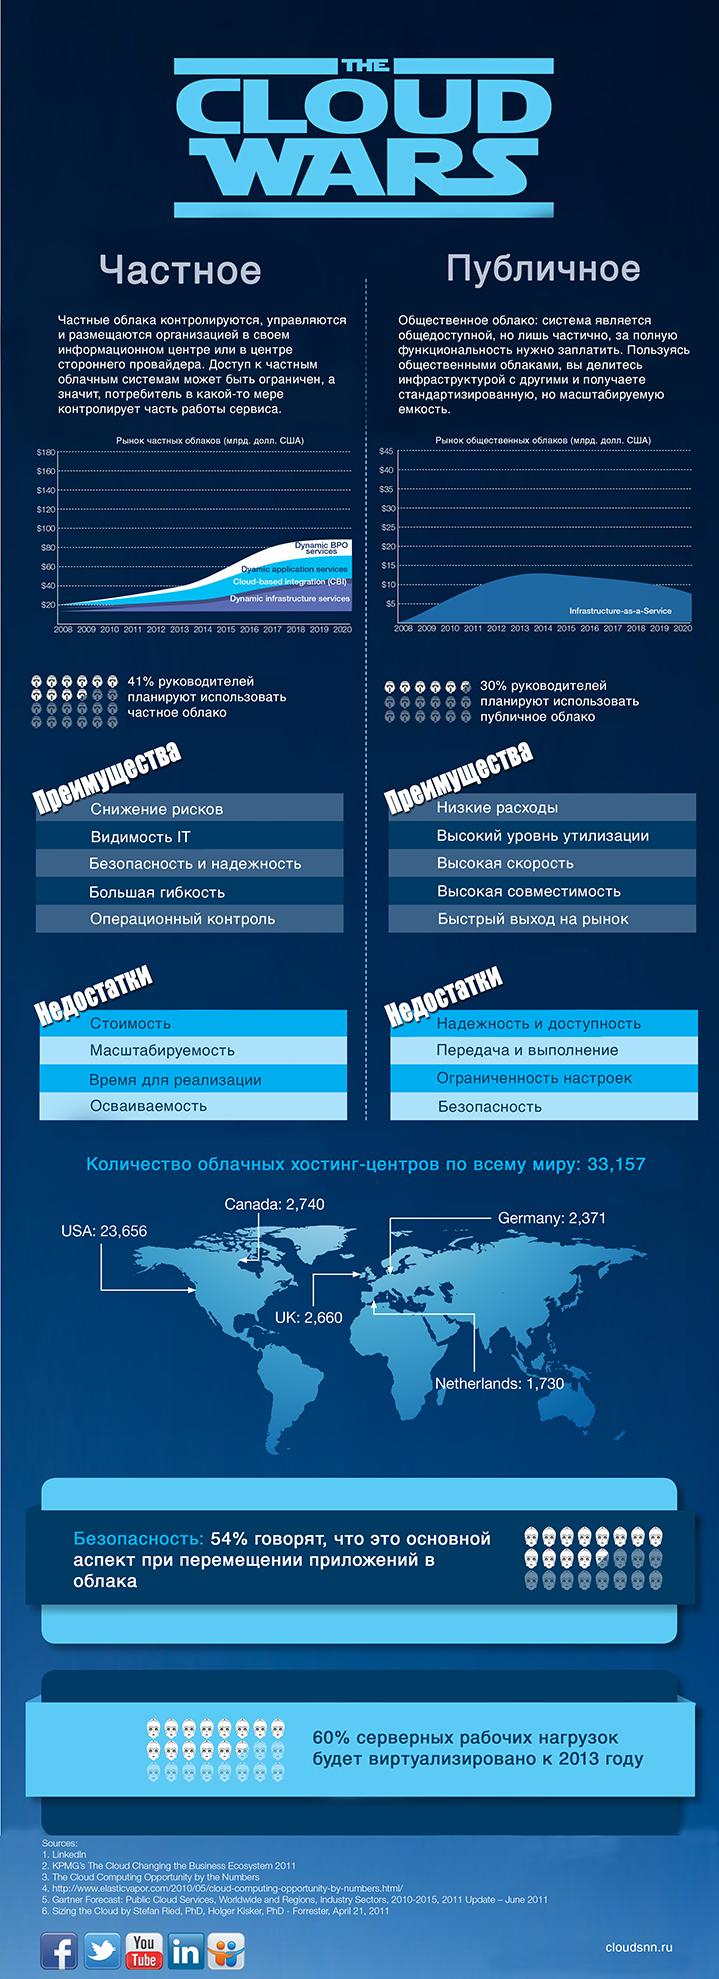 [инфографика] Облачные войны. Частное облако vs Публичное